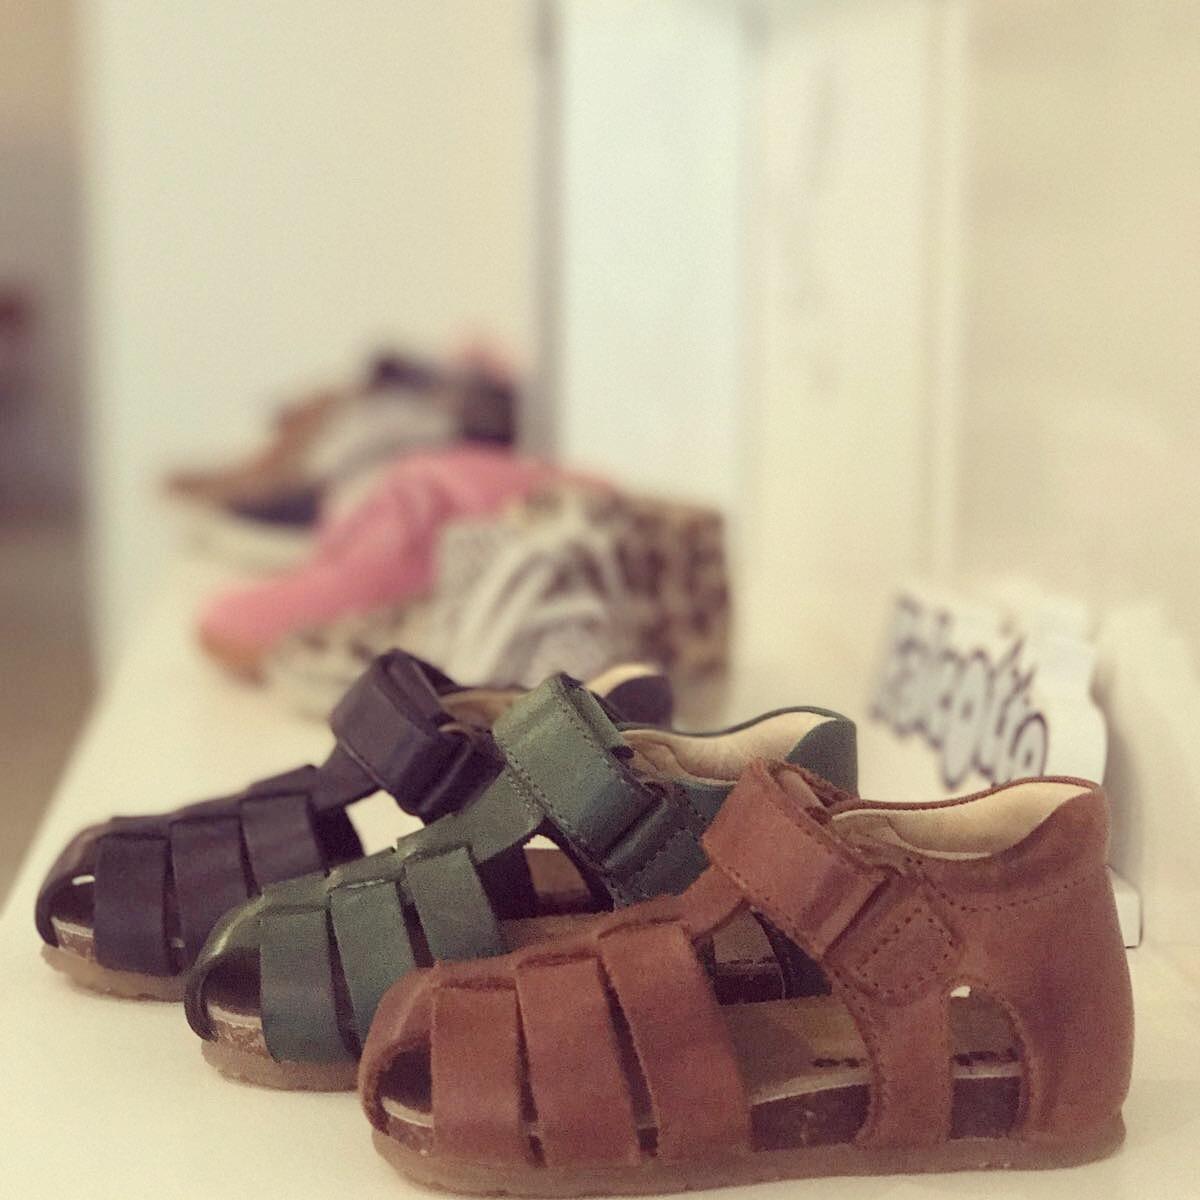 Kinderschoenen - Wij hebben elk seizoen een nieuwe collectie kinderschoenen. Van mooie merken die er niet allen fantastisch uitzien maar ook goed zijn voor kindervoeten.